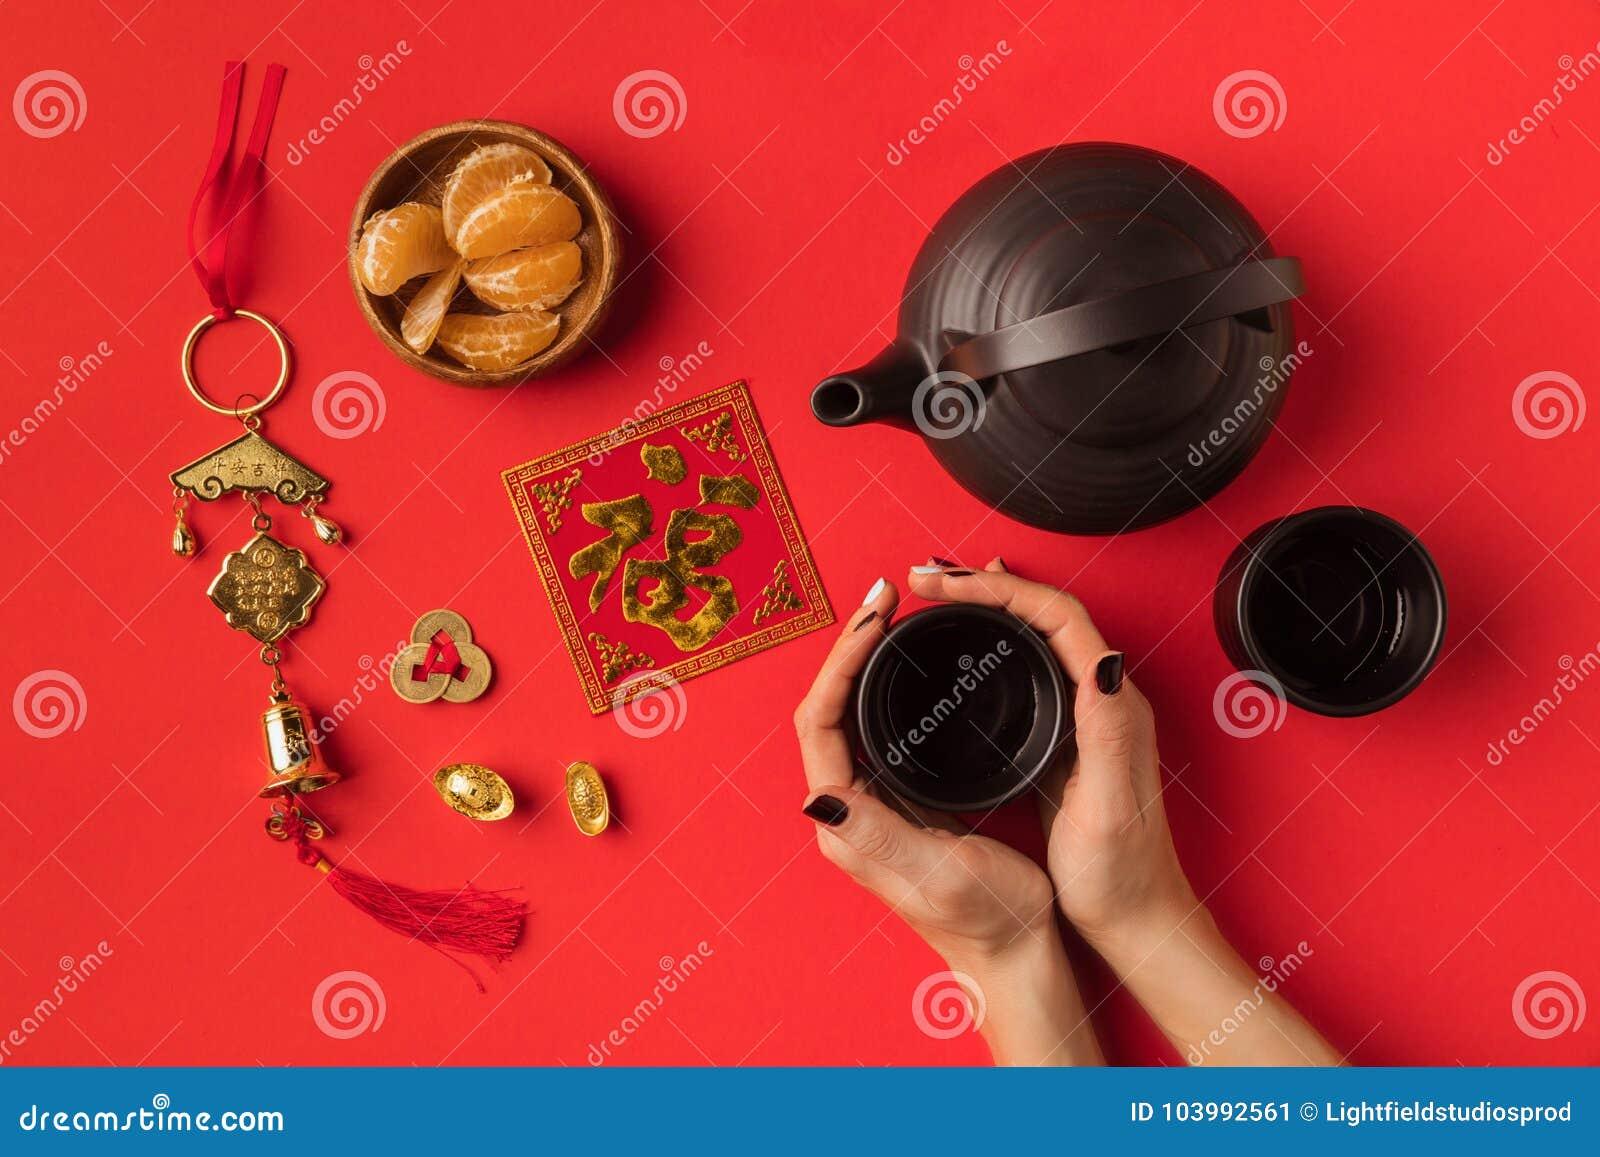 Восточные украшения и комплект чая